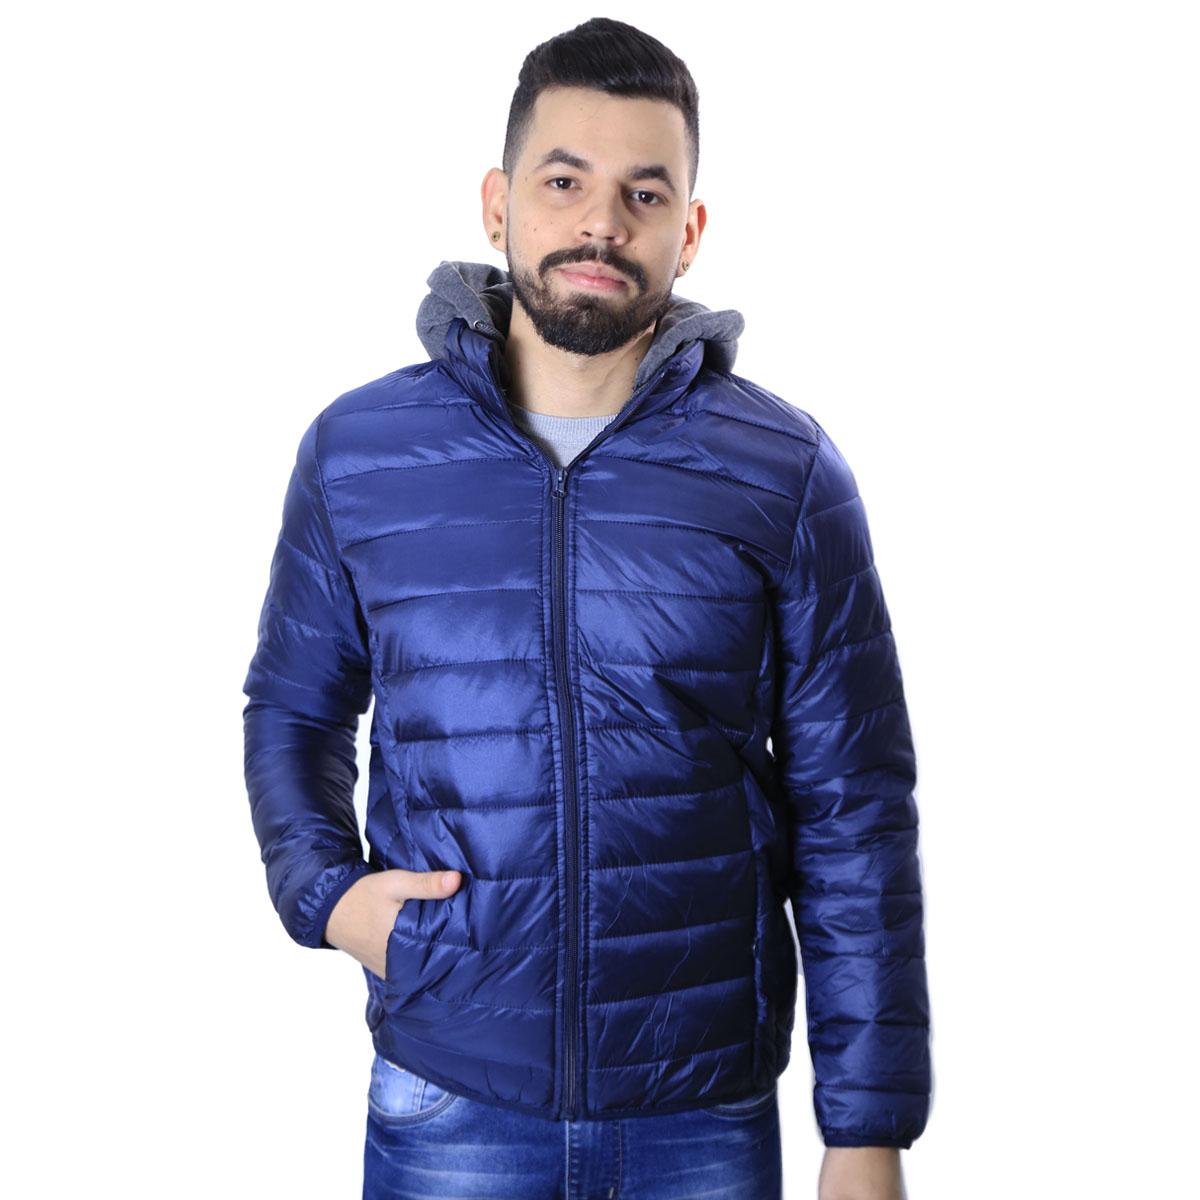 Jaqueta Masculina Agricio com Capuz de Moletom Removível Azul